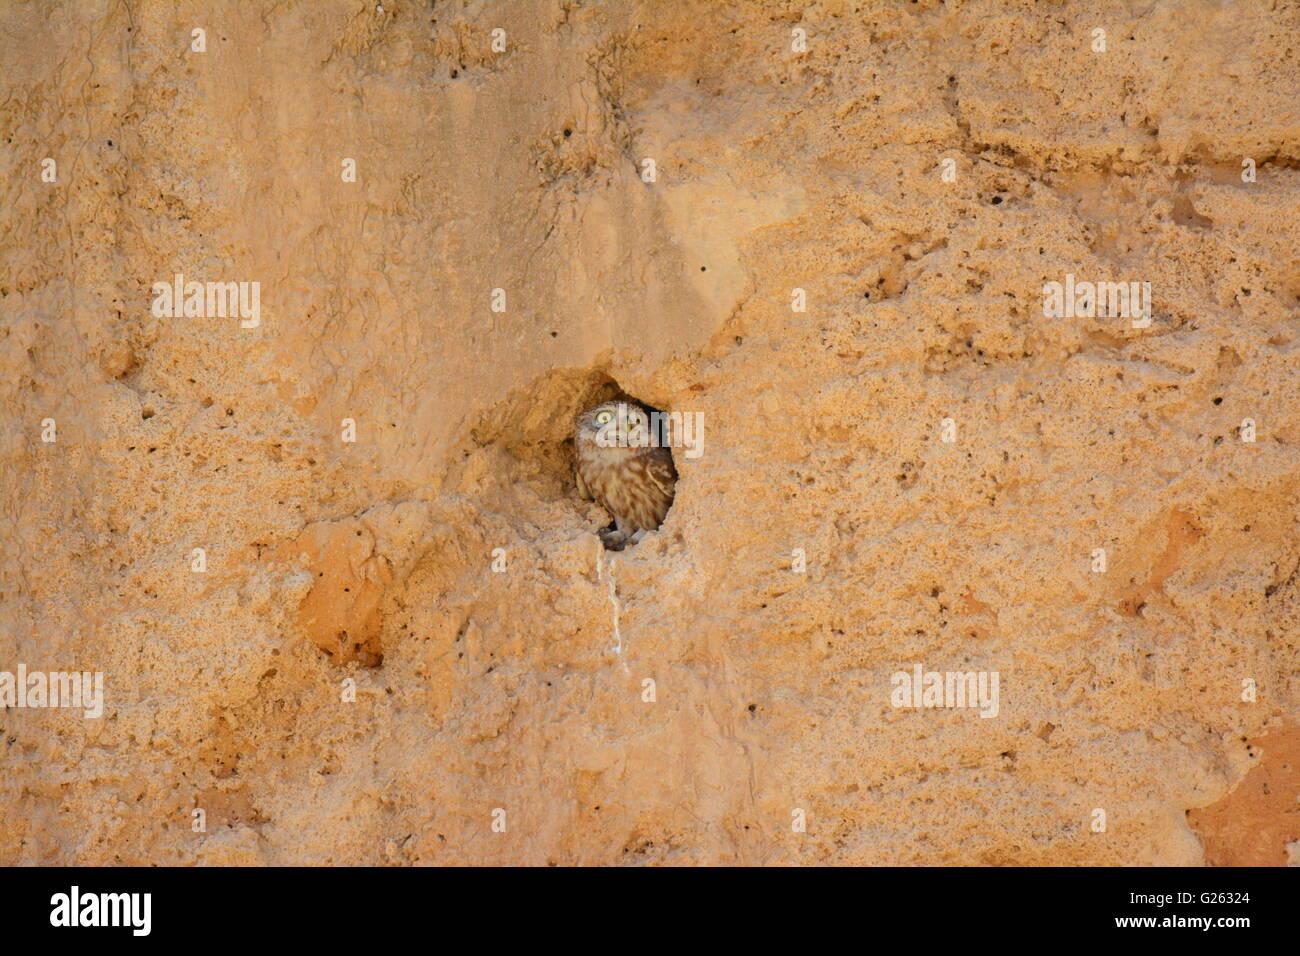 Piccolo gufo, Athene noctua Picking fuori del nido Immagini Stock